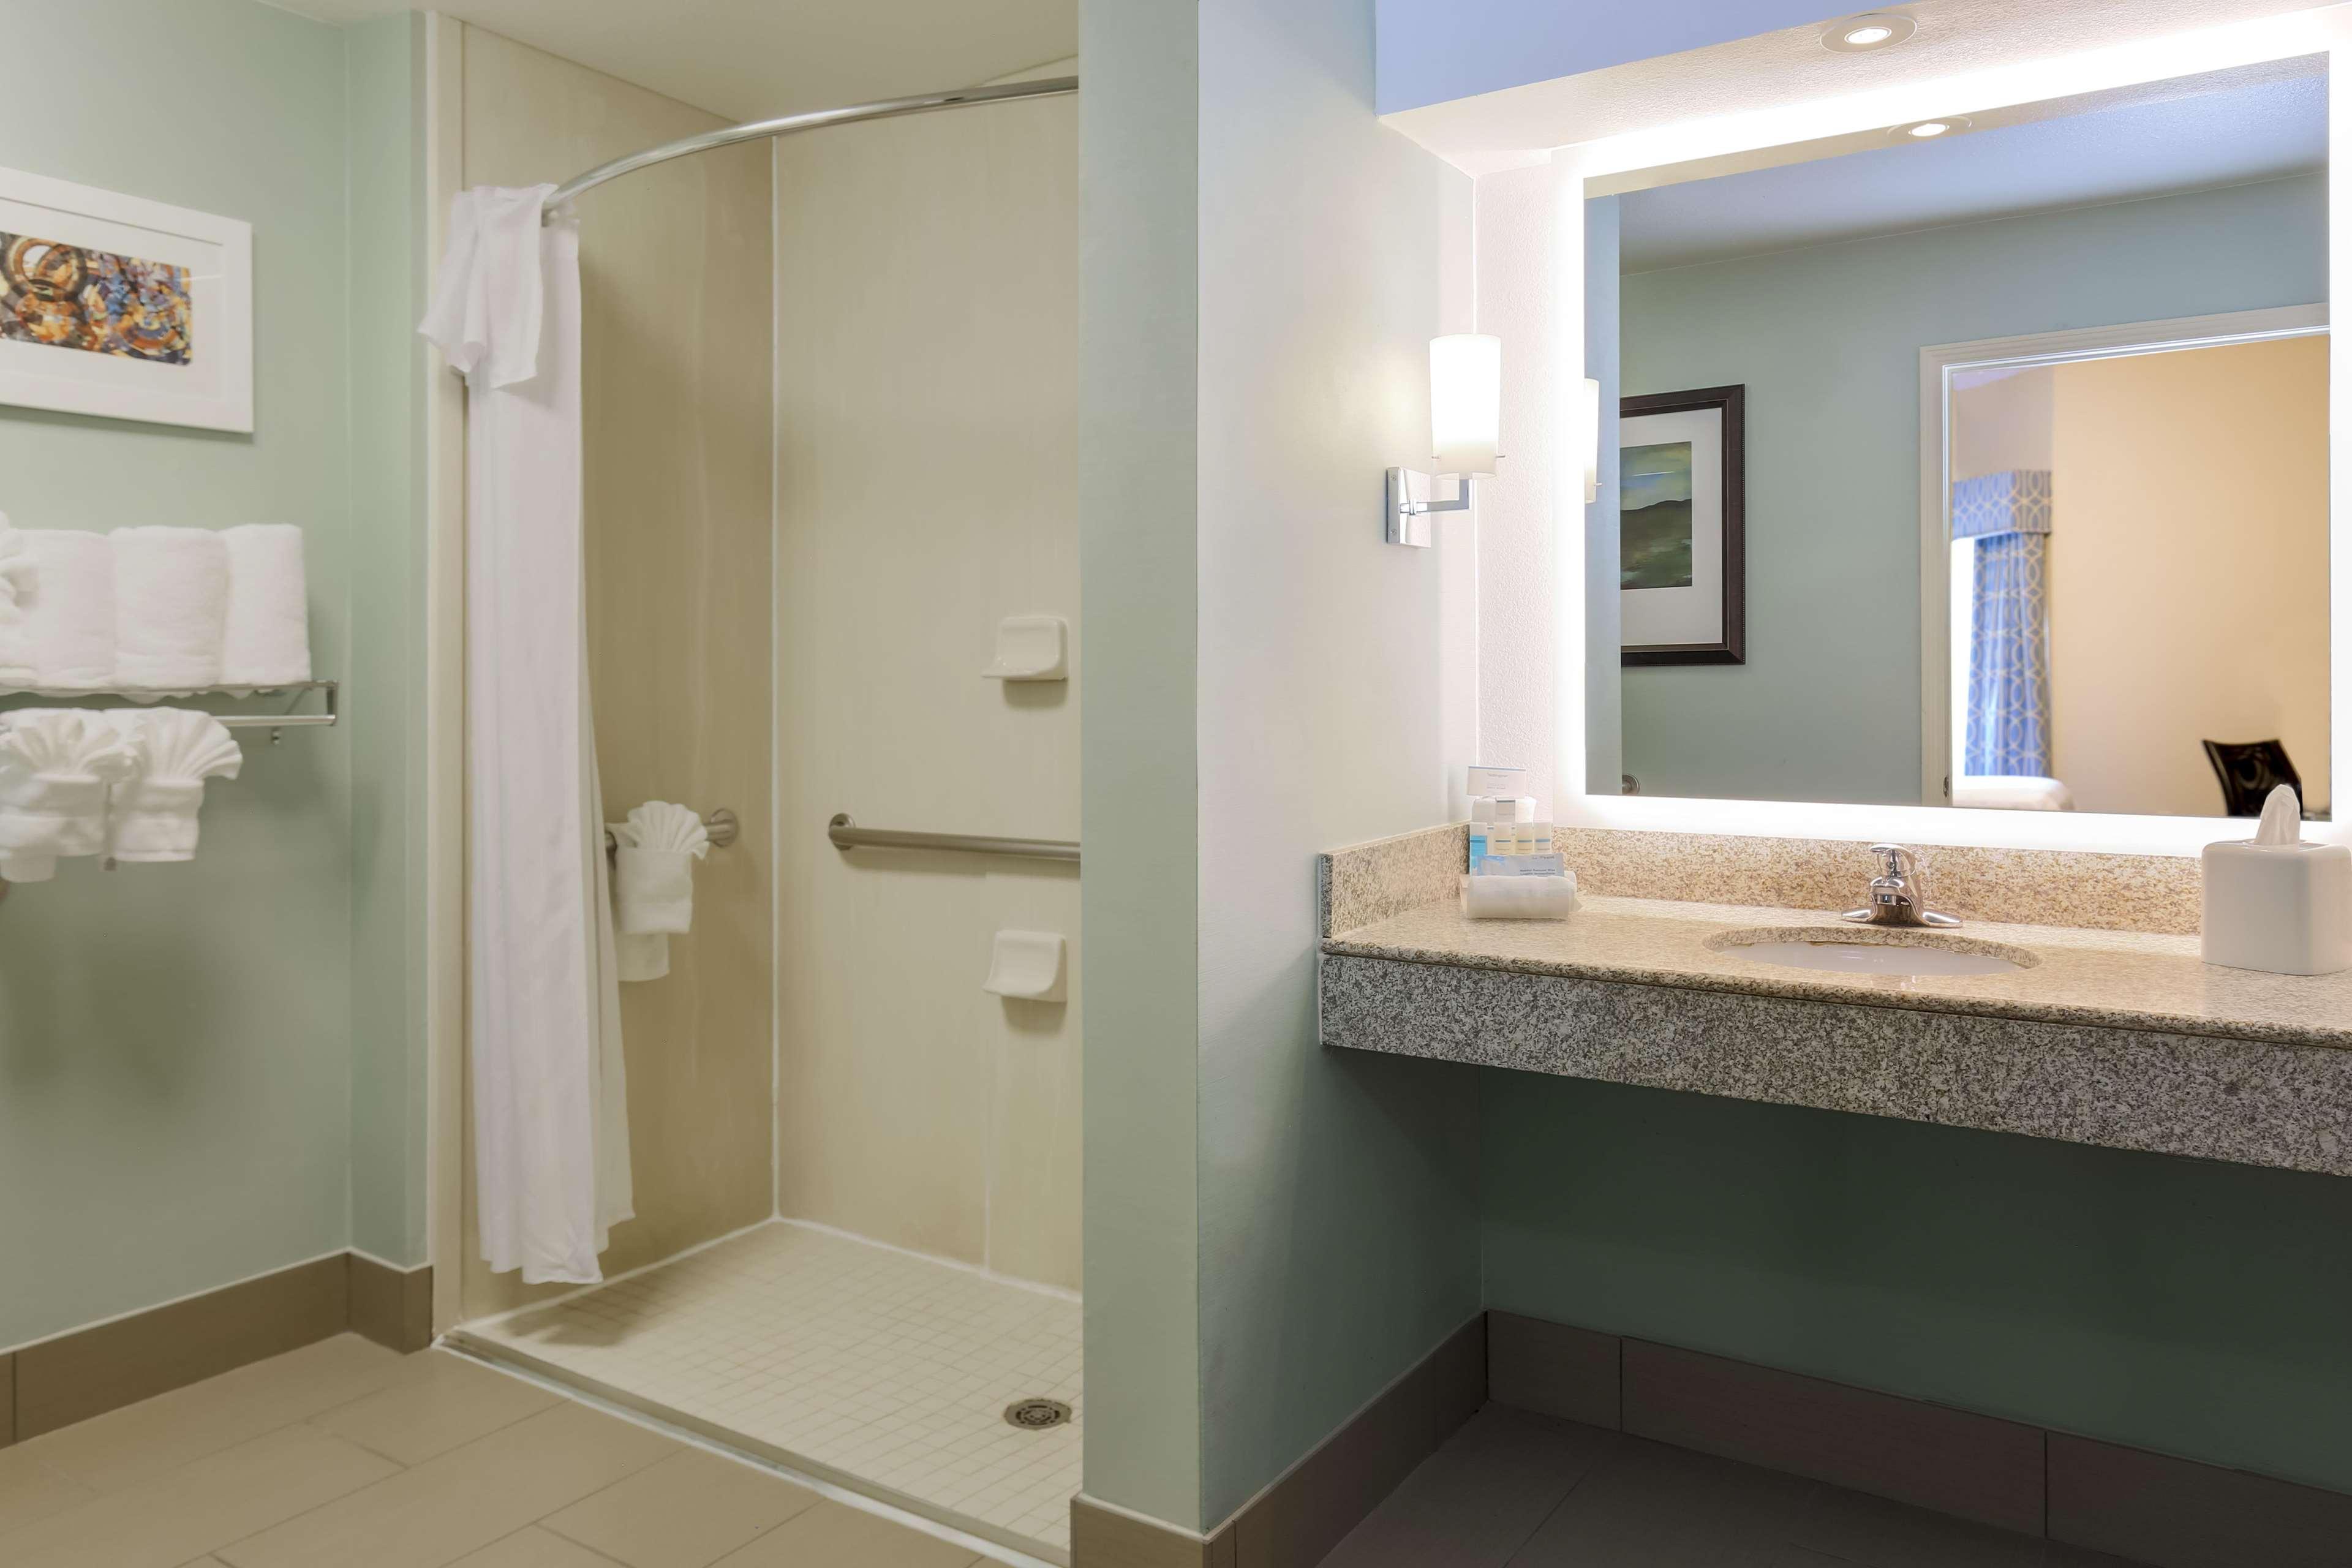 Homewood Suites by Hilton Nashville-Airport